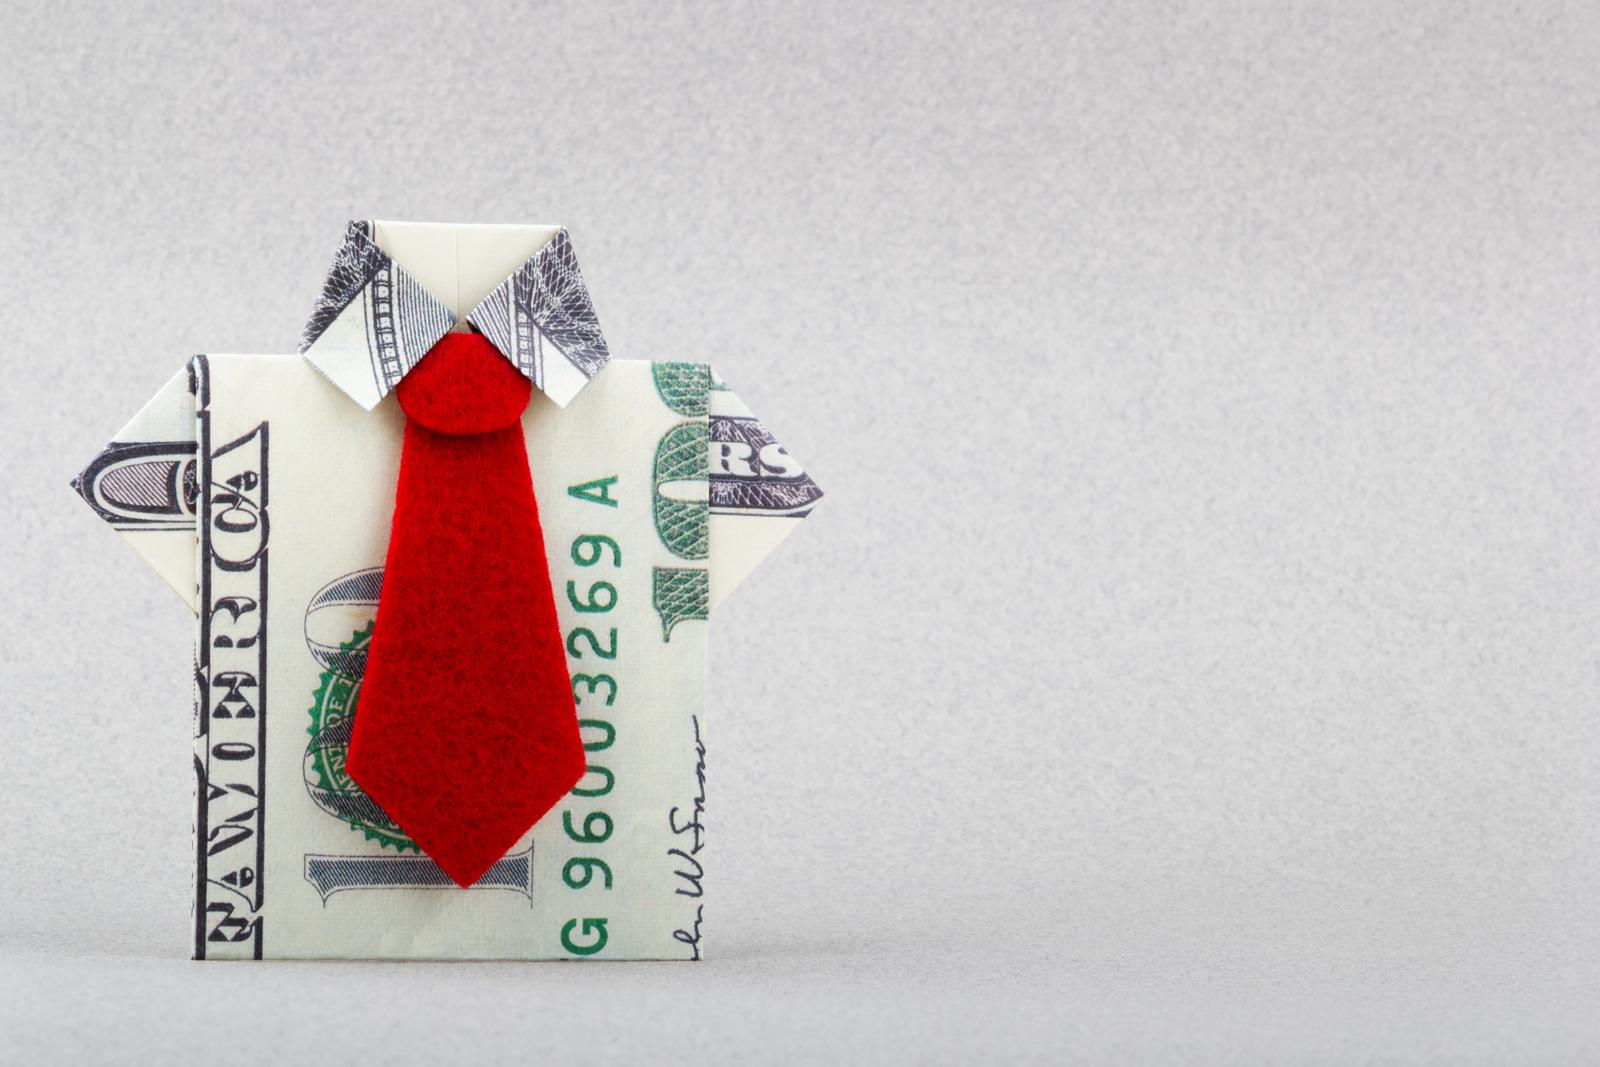 Zkuste vyrobit z peněz origami. Je to originální dárek